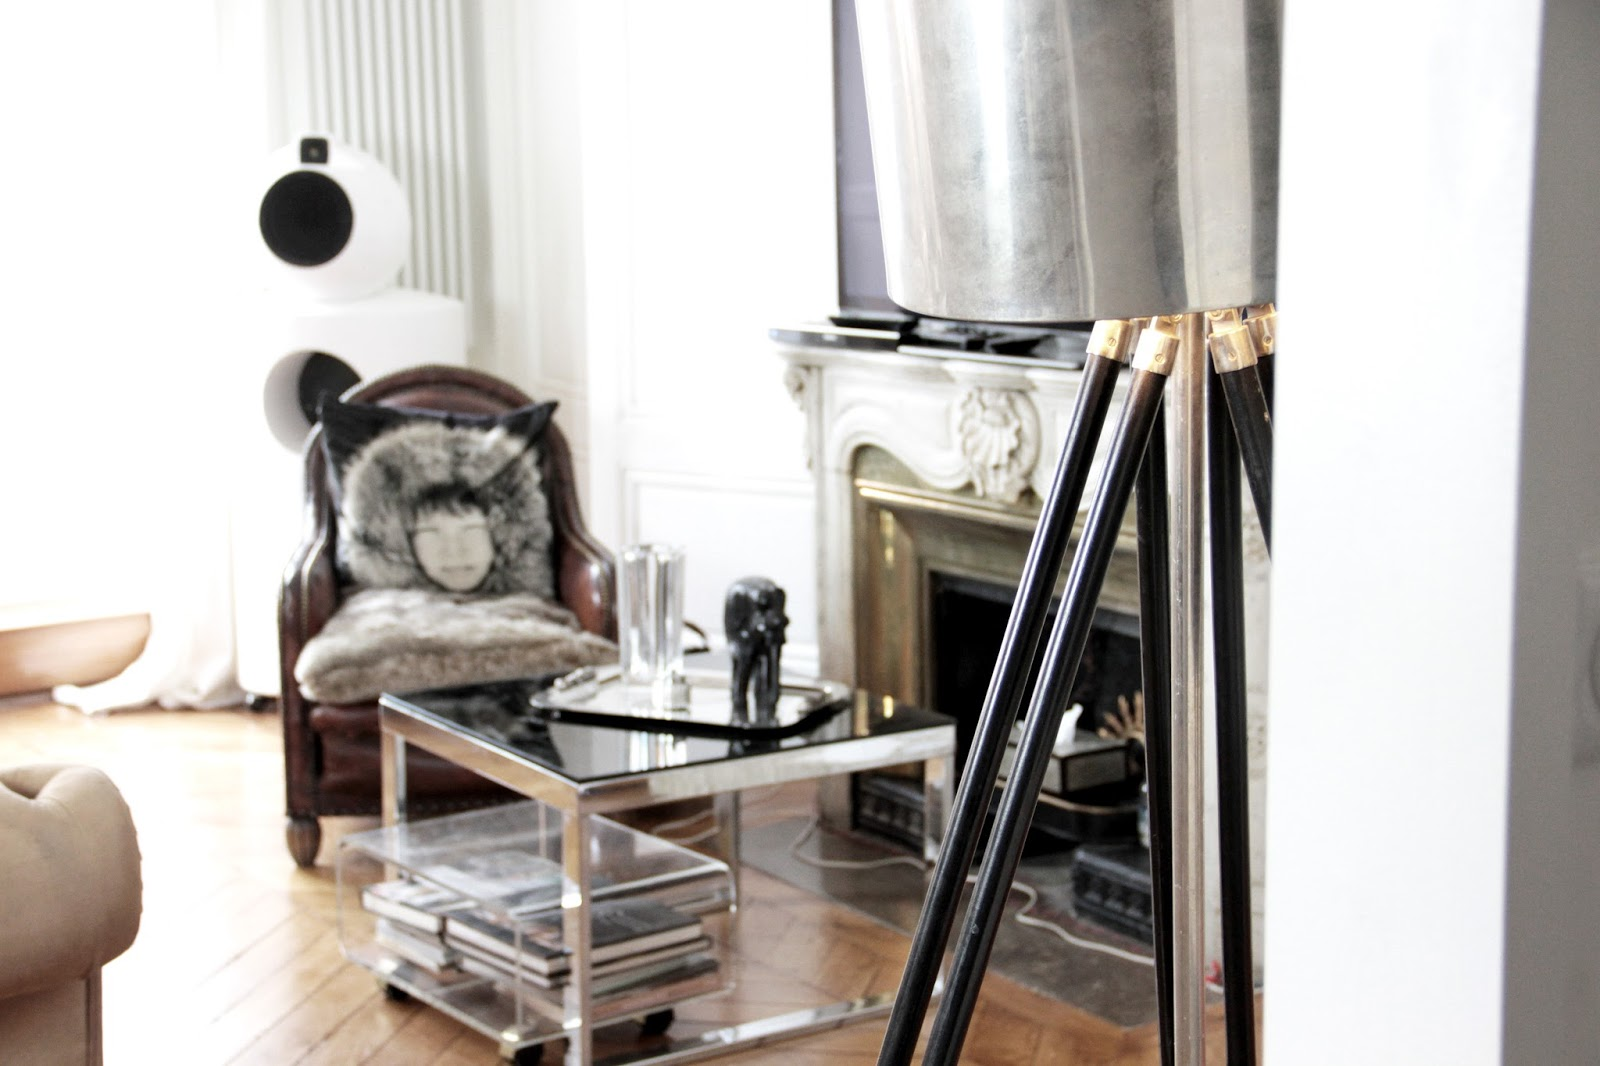 Marcel gracieuse at home o meubler son appartement for Meubler son appartement